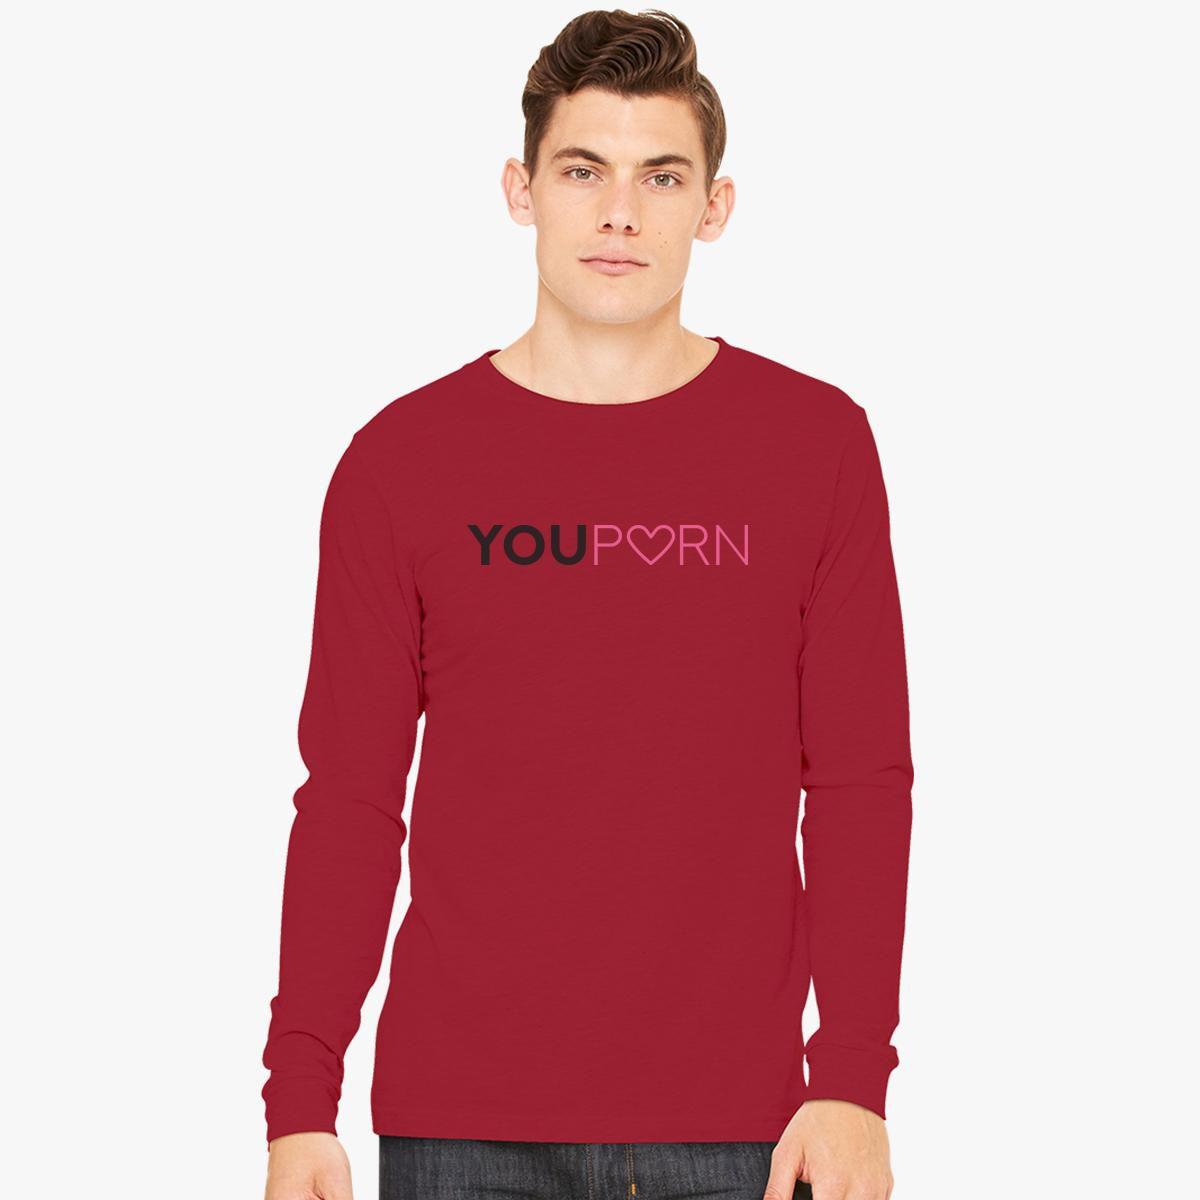 Youporn shirt